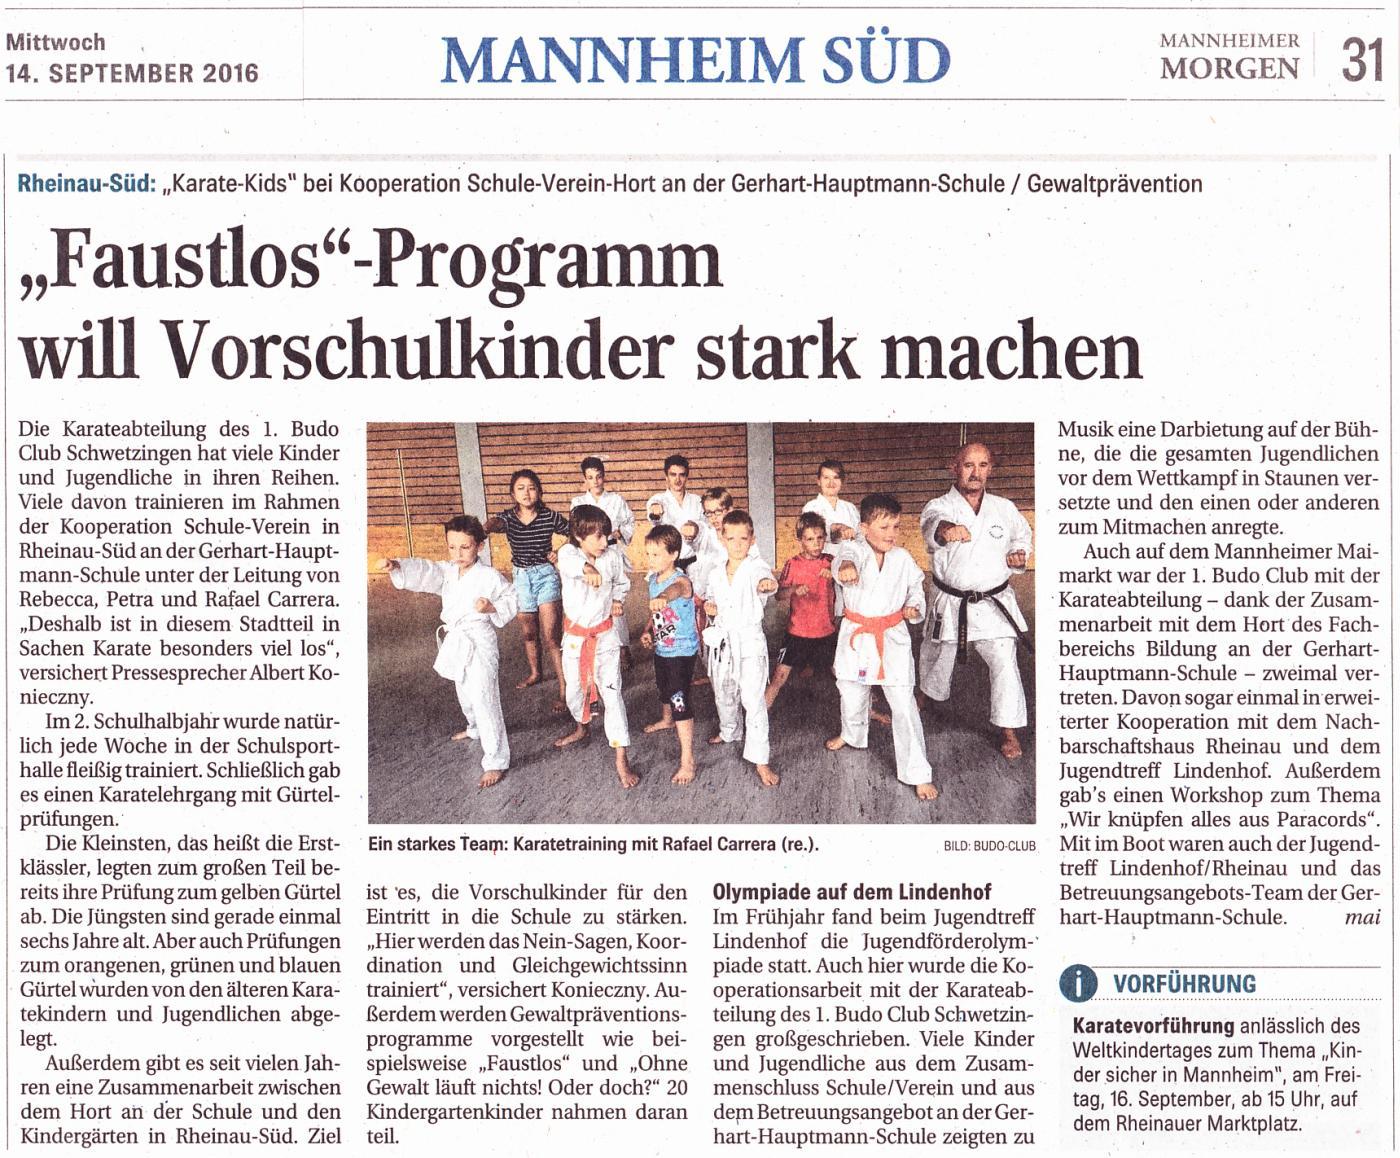 2016-09-14_MM-Faustlos-Programm.jpg